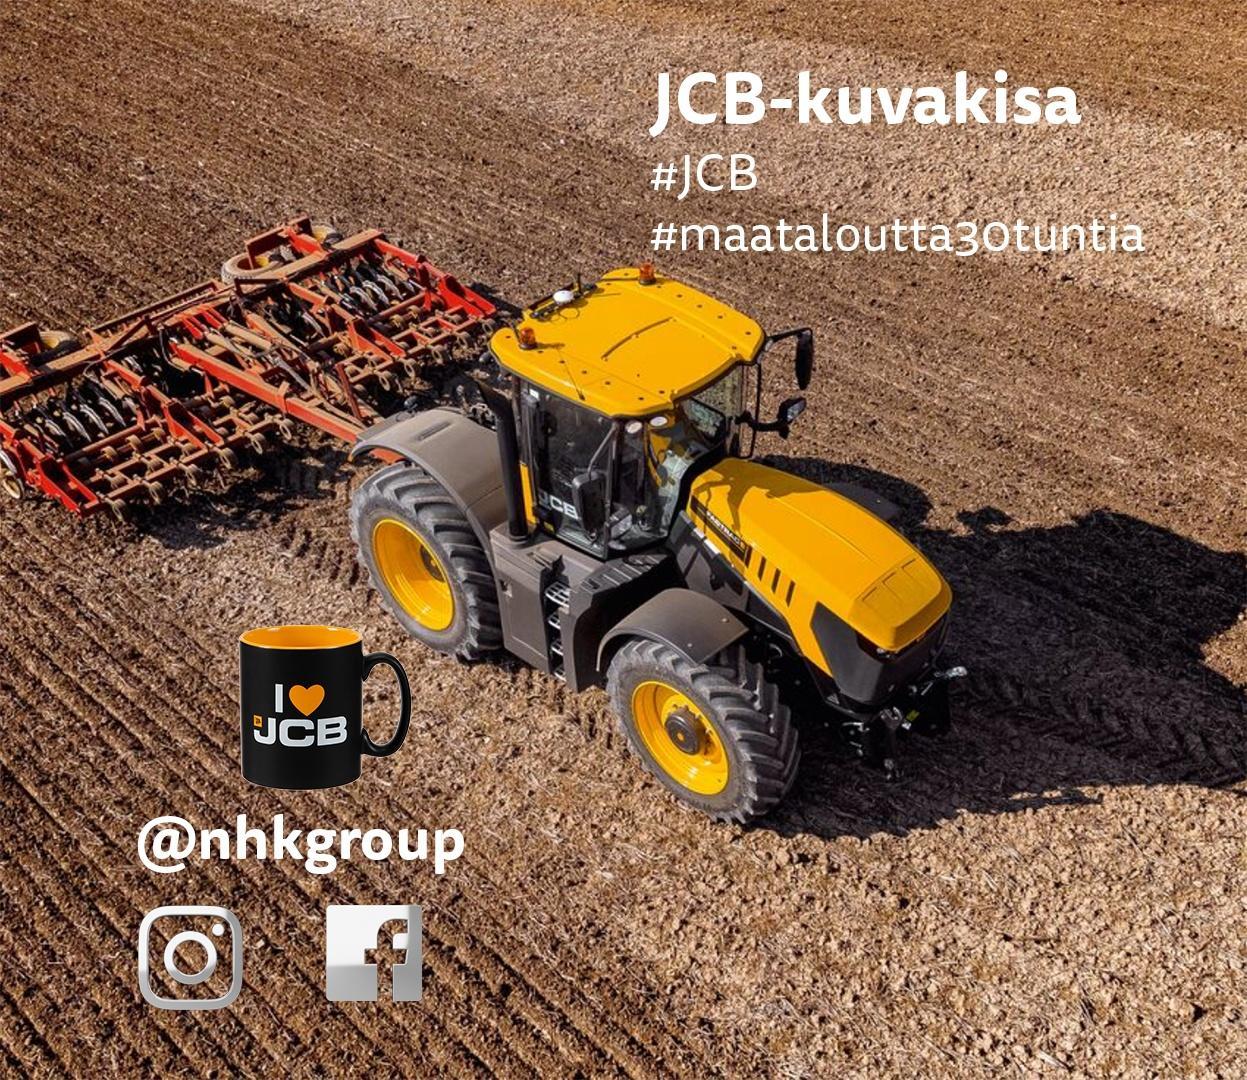 JCB-kuvakisa-30tunnissa-maataloutta